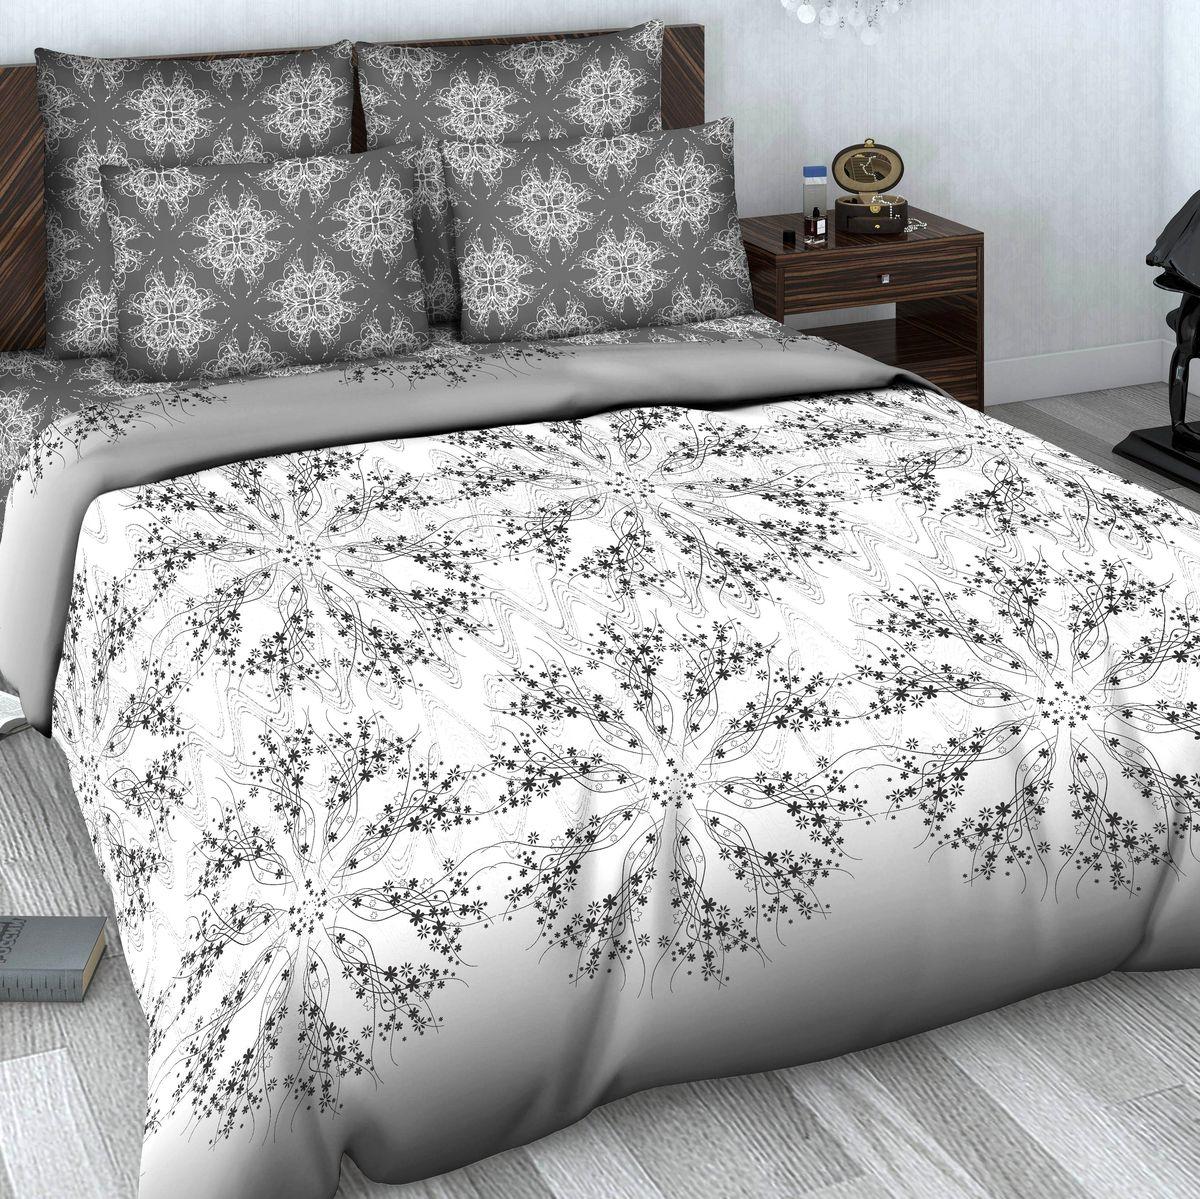 Комплект белья Василиса, 2-спальный, наволочки 70х70. 602/2391602Комплект постельного белья Василиса состоит из пододеяльника, простыни и двух наволочек. Белье изготовлено из высококачественного сатина (100% хлопка). Постельное белье представляет собой блестящую и плотную ткань. Ткань очень приятна на ощупь, сатиновое постельное белье долговечно и выдерживает большое число стирок.Приобретая комплект постельного белья Василиса, вы можете быть уверены в том, что покупка доставит вам удовольствие и подарит максимальный комфорт.